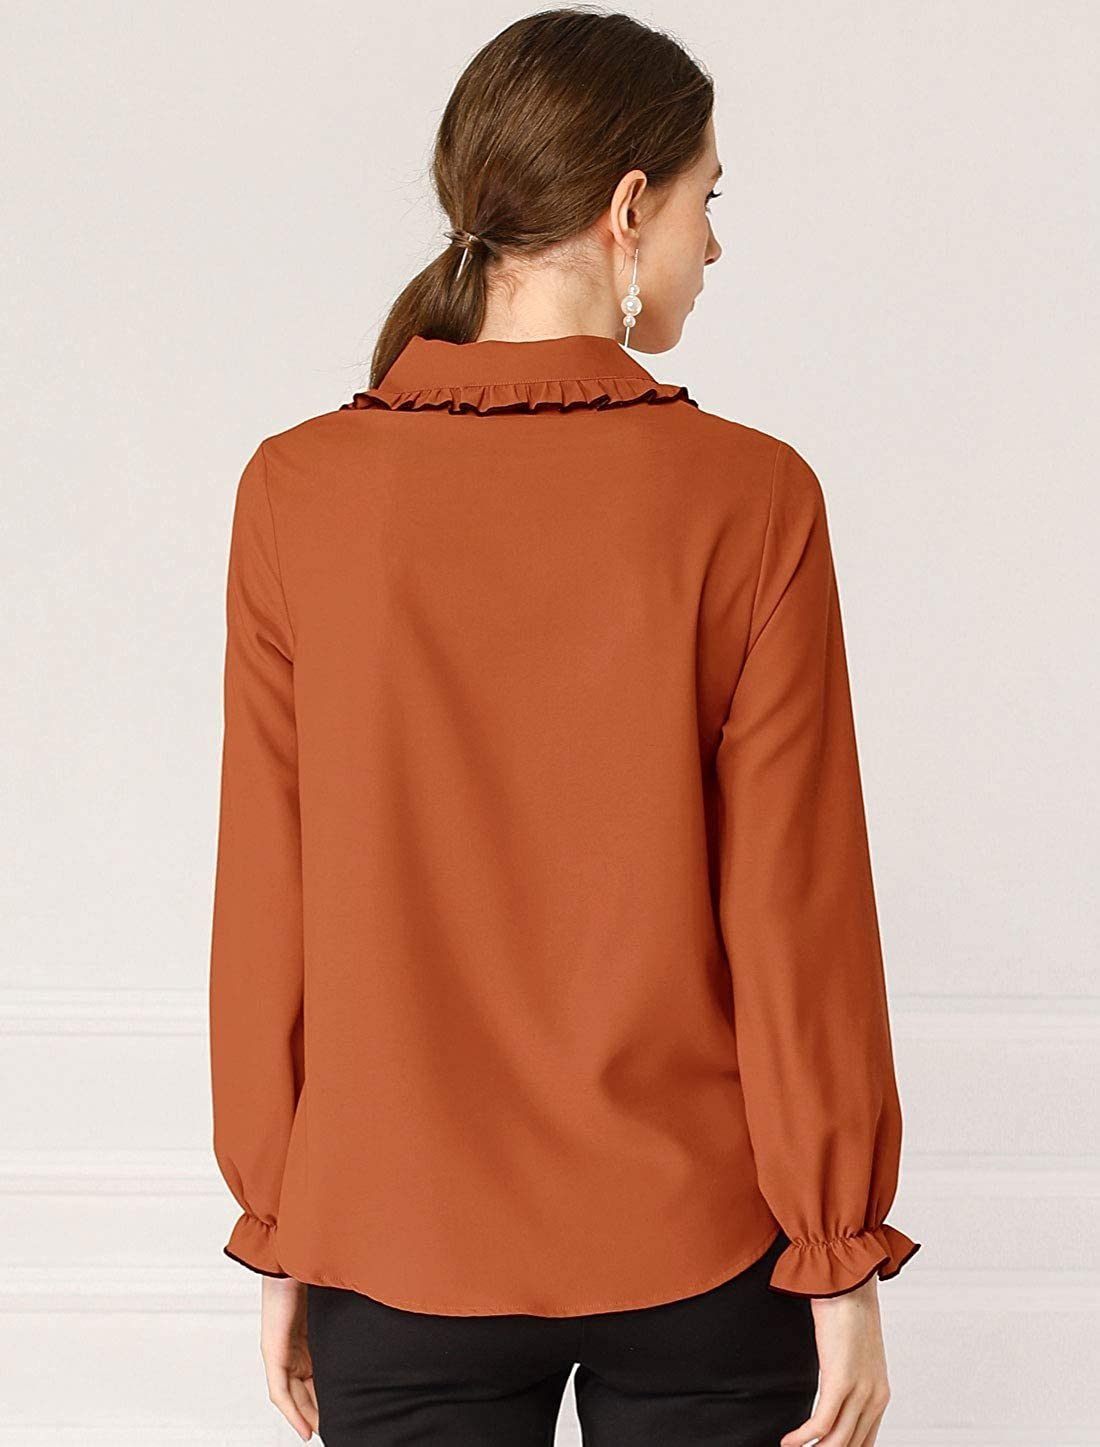 Allegra K Women's Halloween Costume Ruffle Peter Pan Collar Long Sleeves Button Up Blouse Shirt Rust Orange